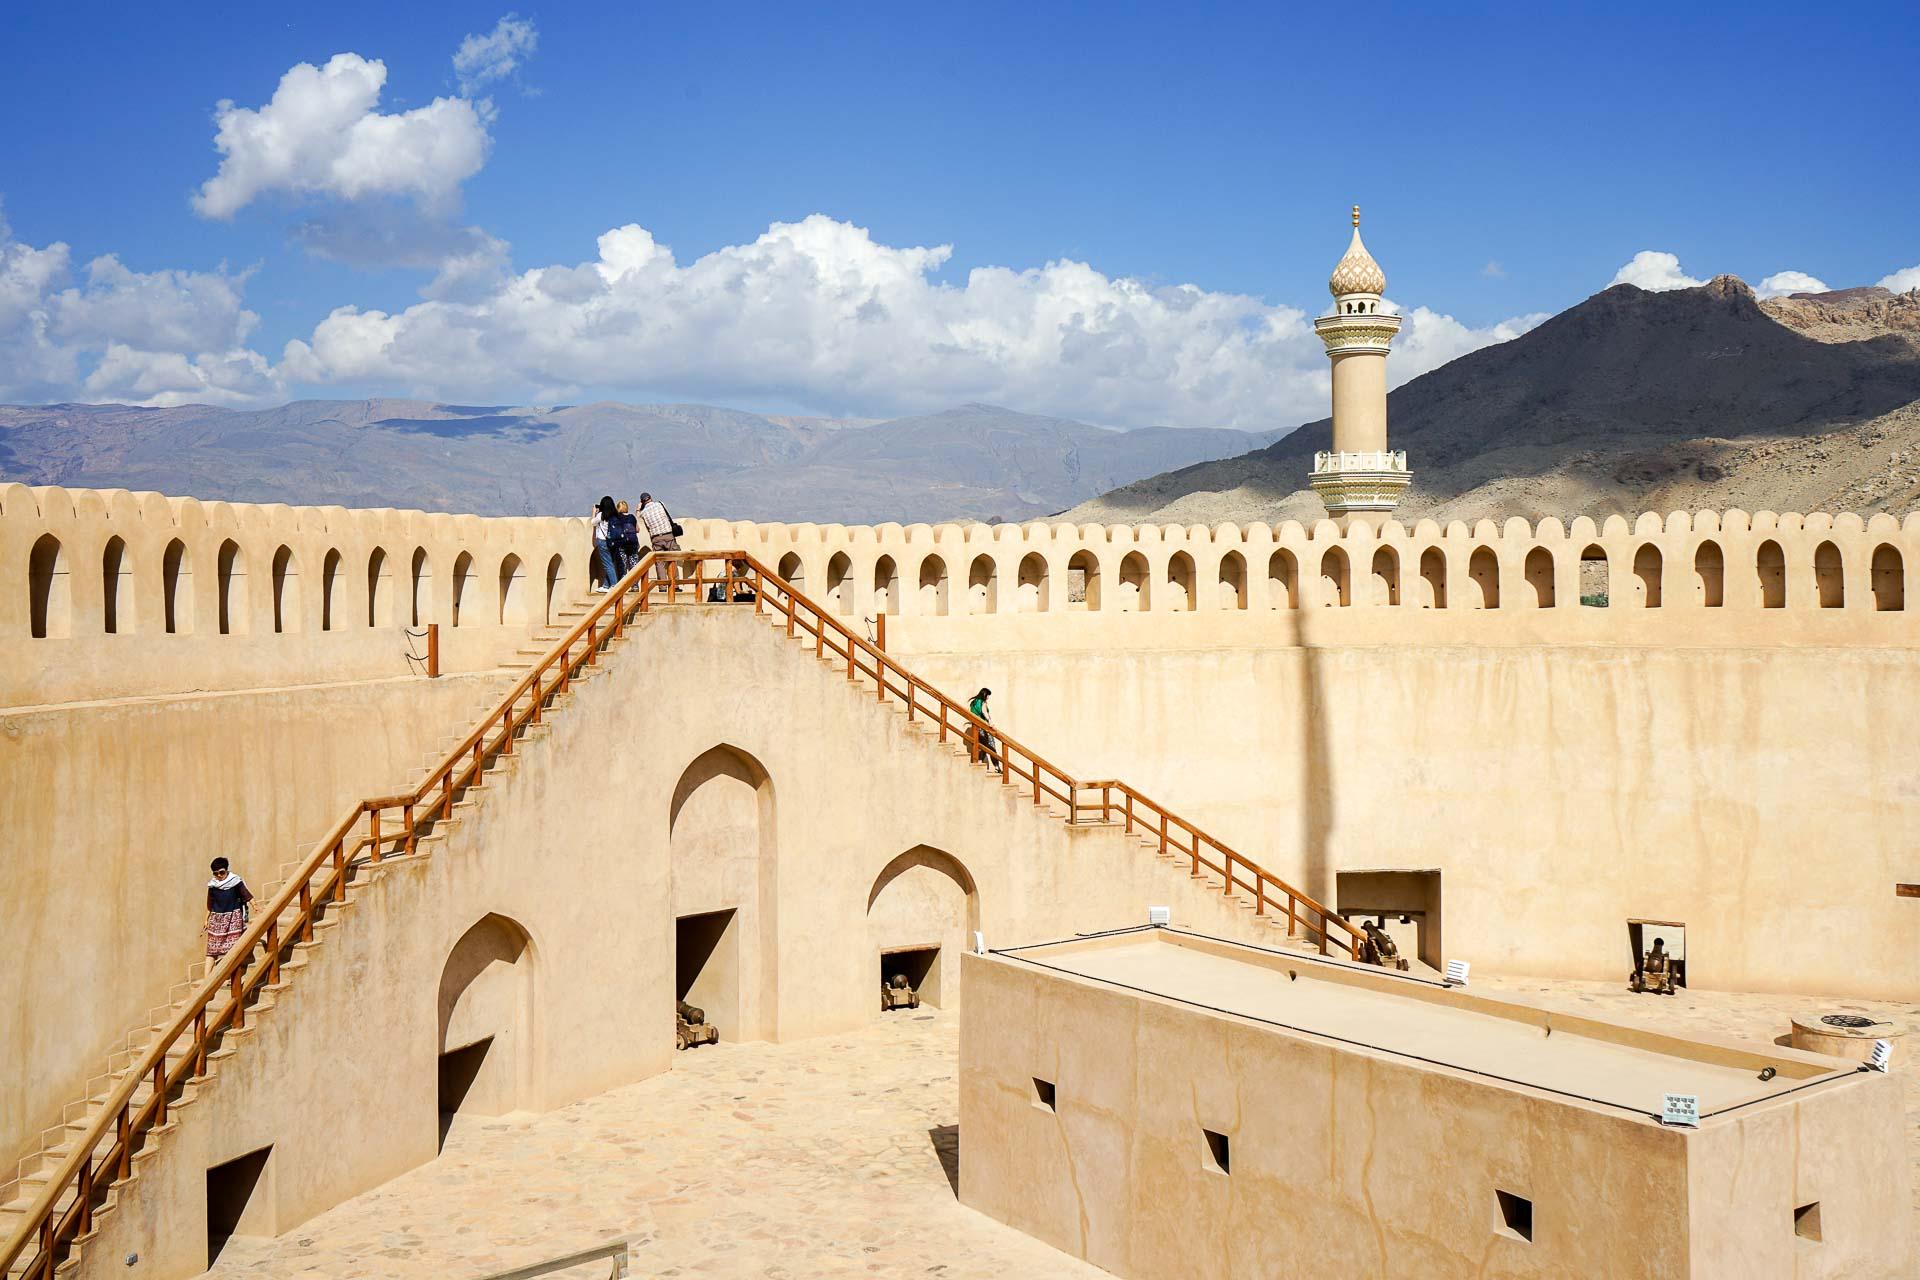 En inaugurant un nouveau terminal de classe mondiale à l'aéroport international de Mascate, le discret sultanat d'Oman réaffirme ses ambitions. Celles de s'imposer comme une destination touristique haut de gamme, authentique et durable au Moyen-Orient. Éclairage.